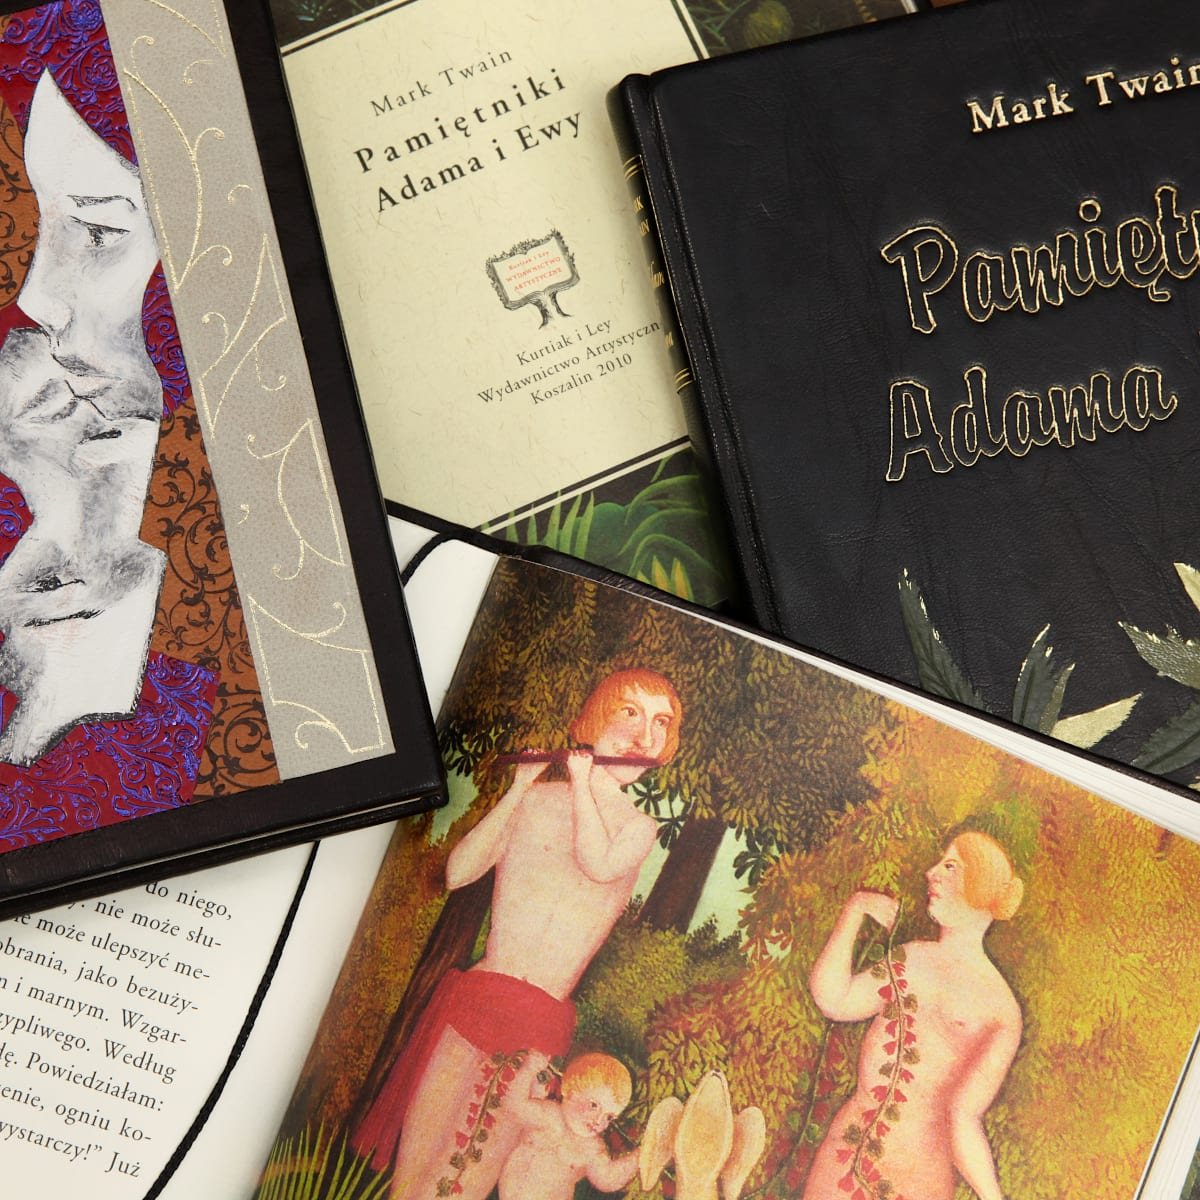 Pięknie zdobione wydania książek Twaina Marka, Pamiętniki Adama i Ewy